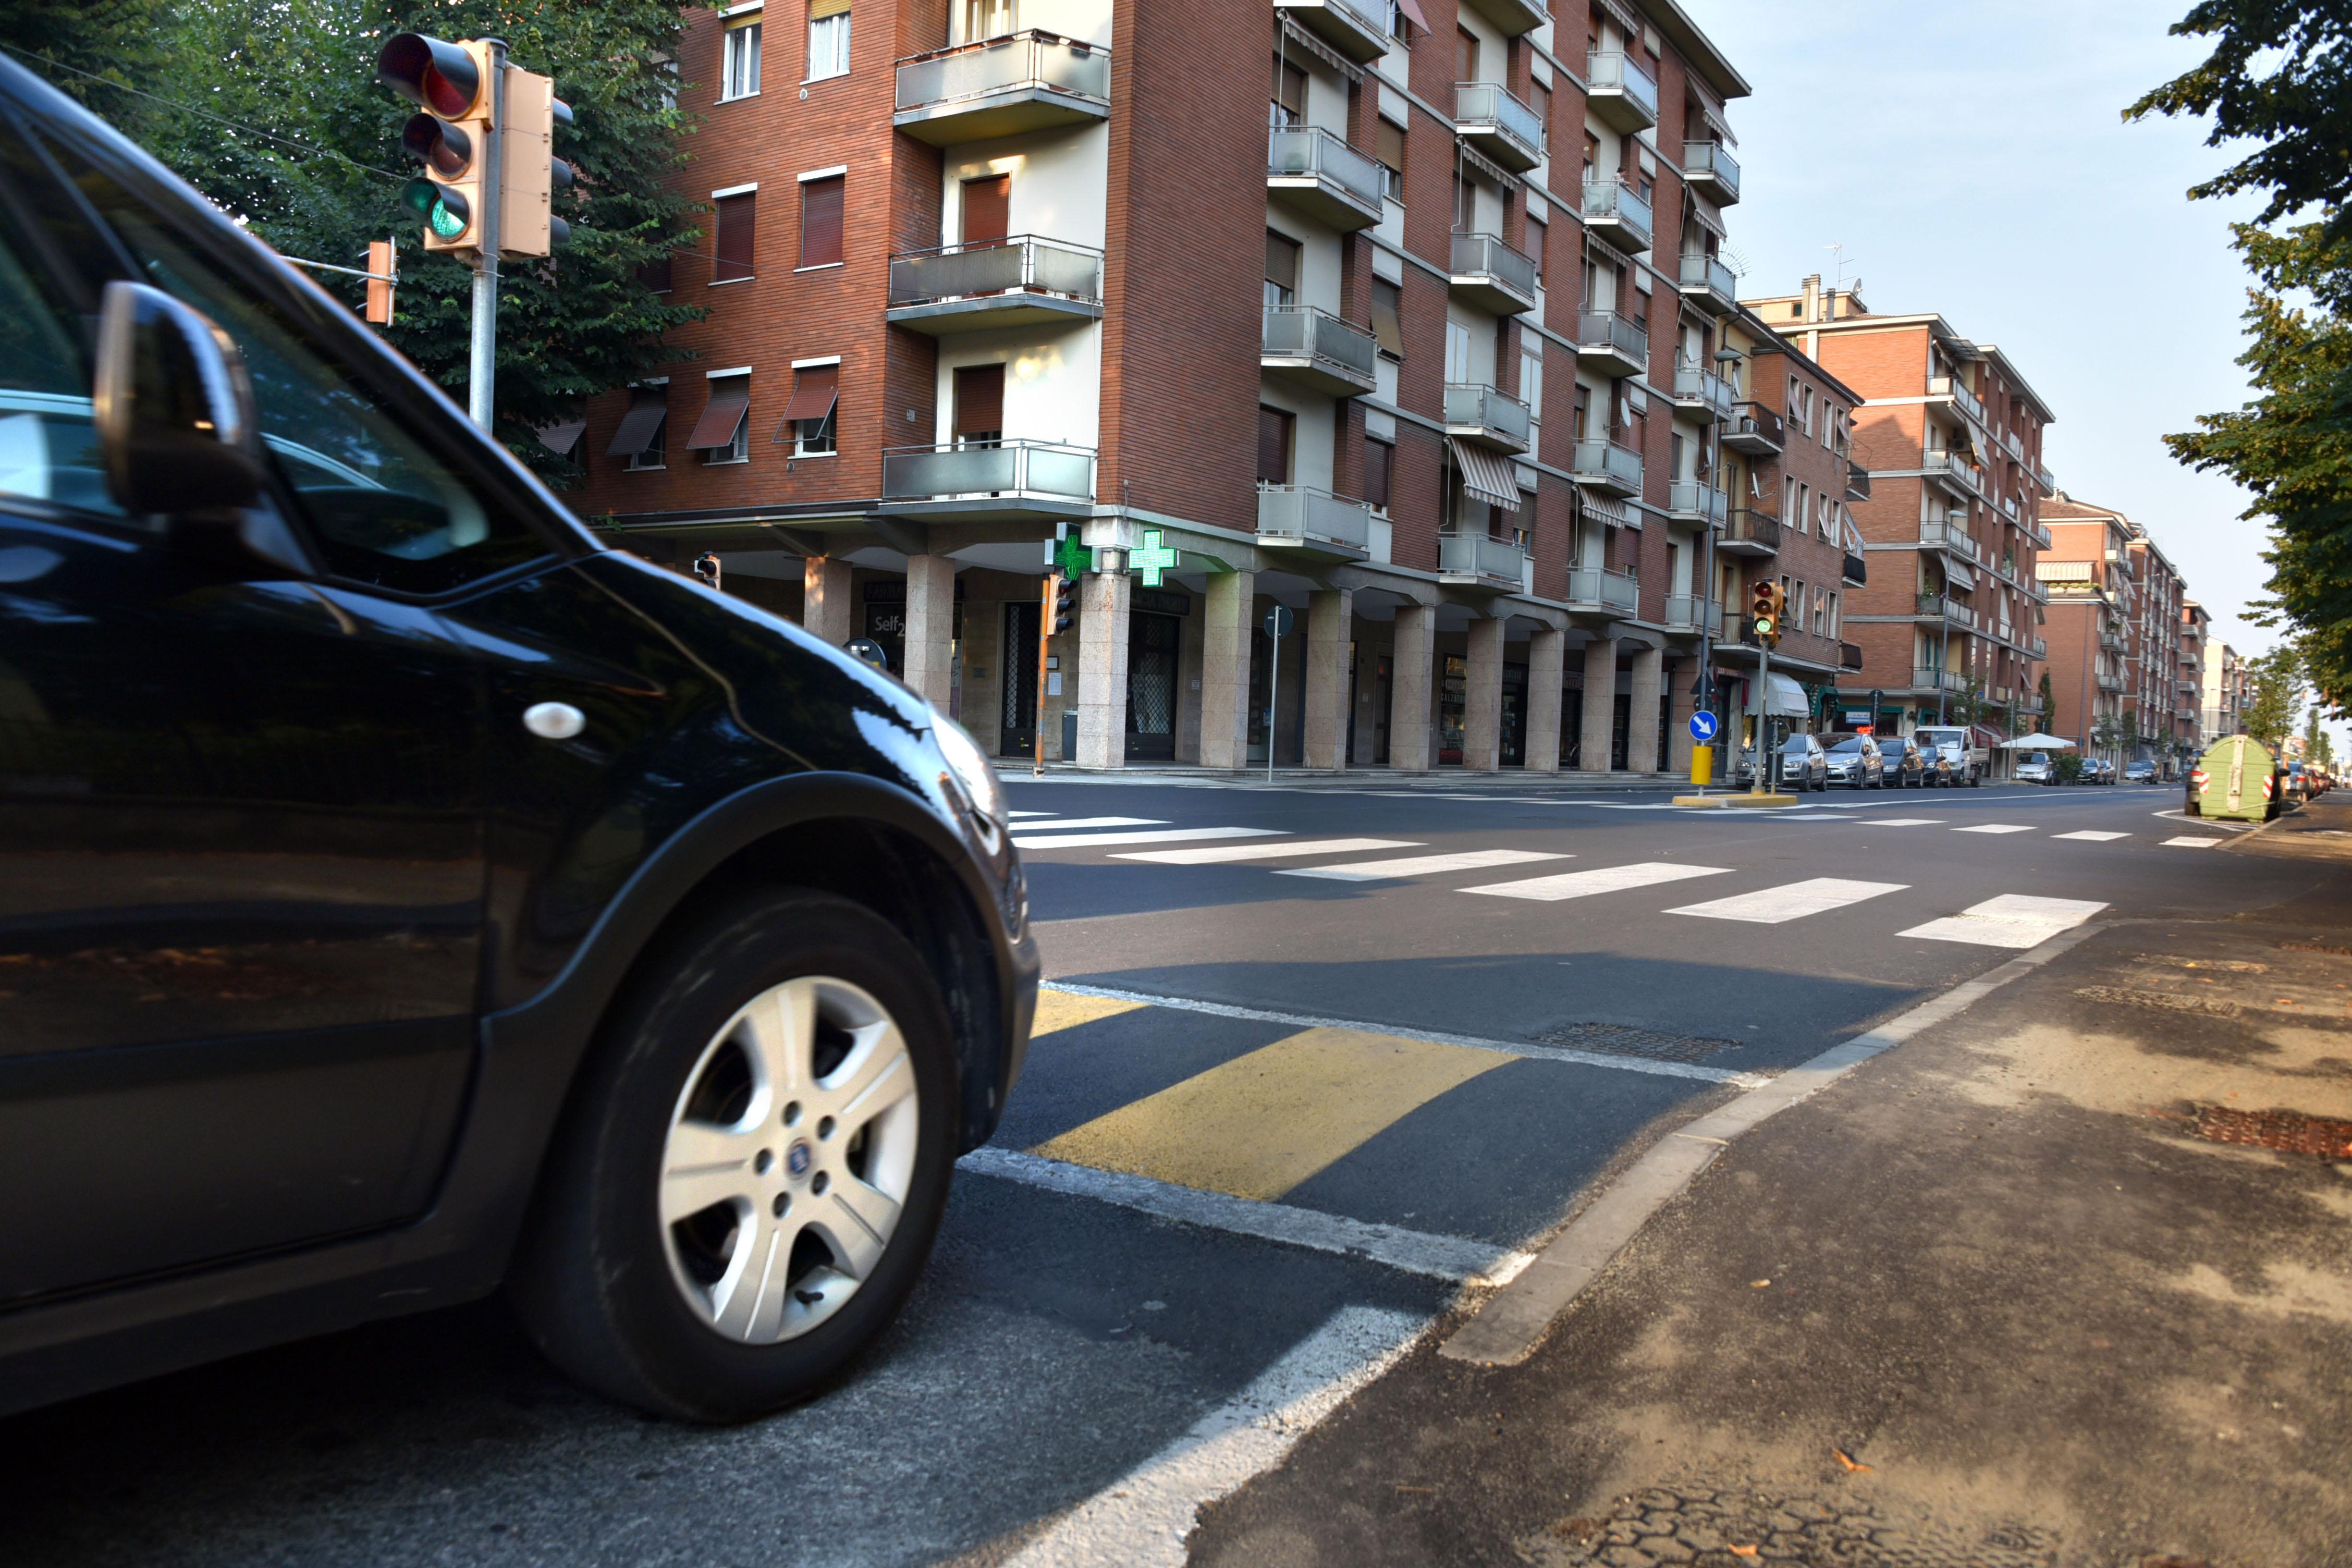 Ciclabili di via Dante e via Bianchi, riprendono i lavori di miglioramento